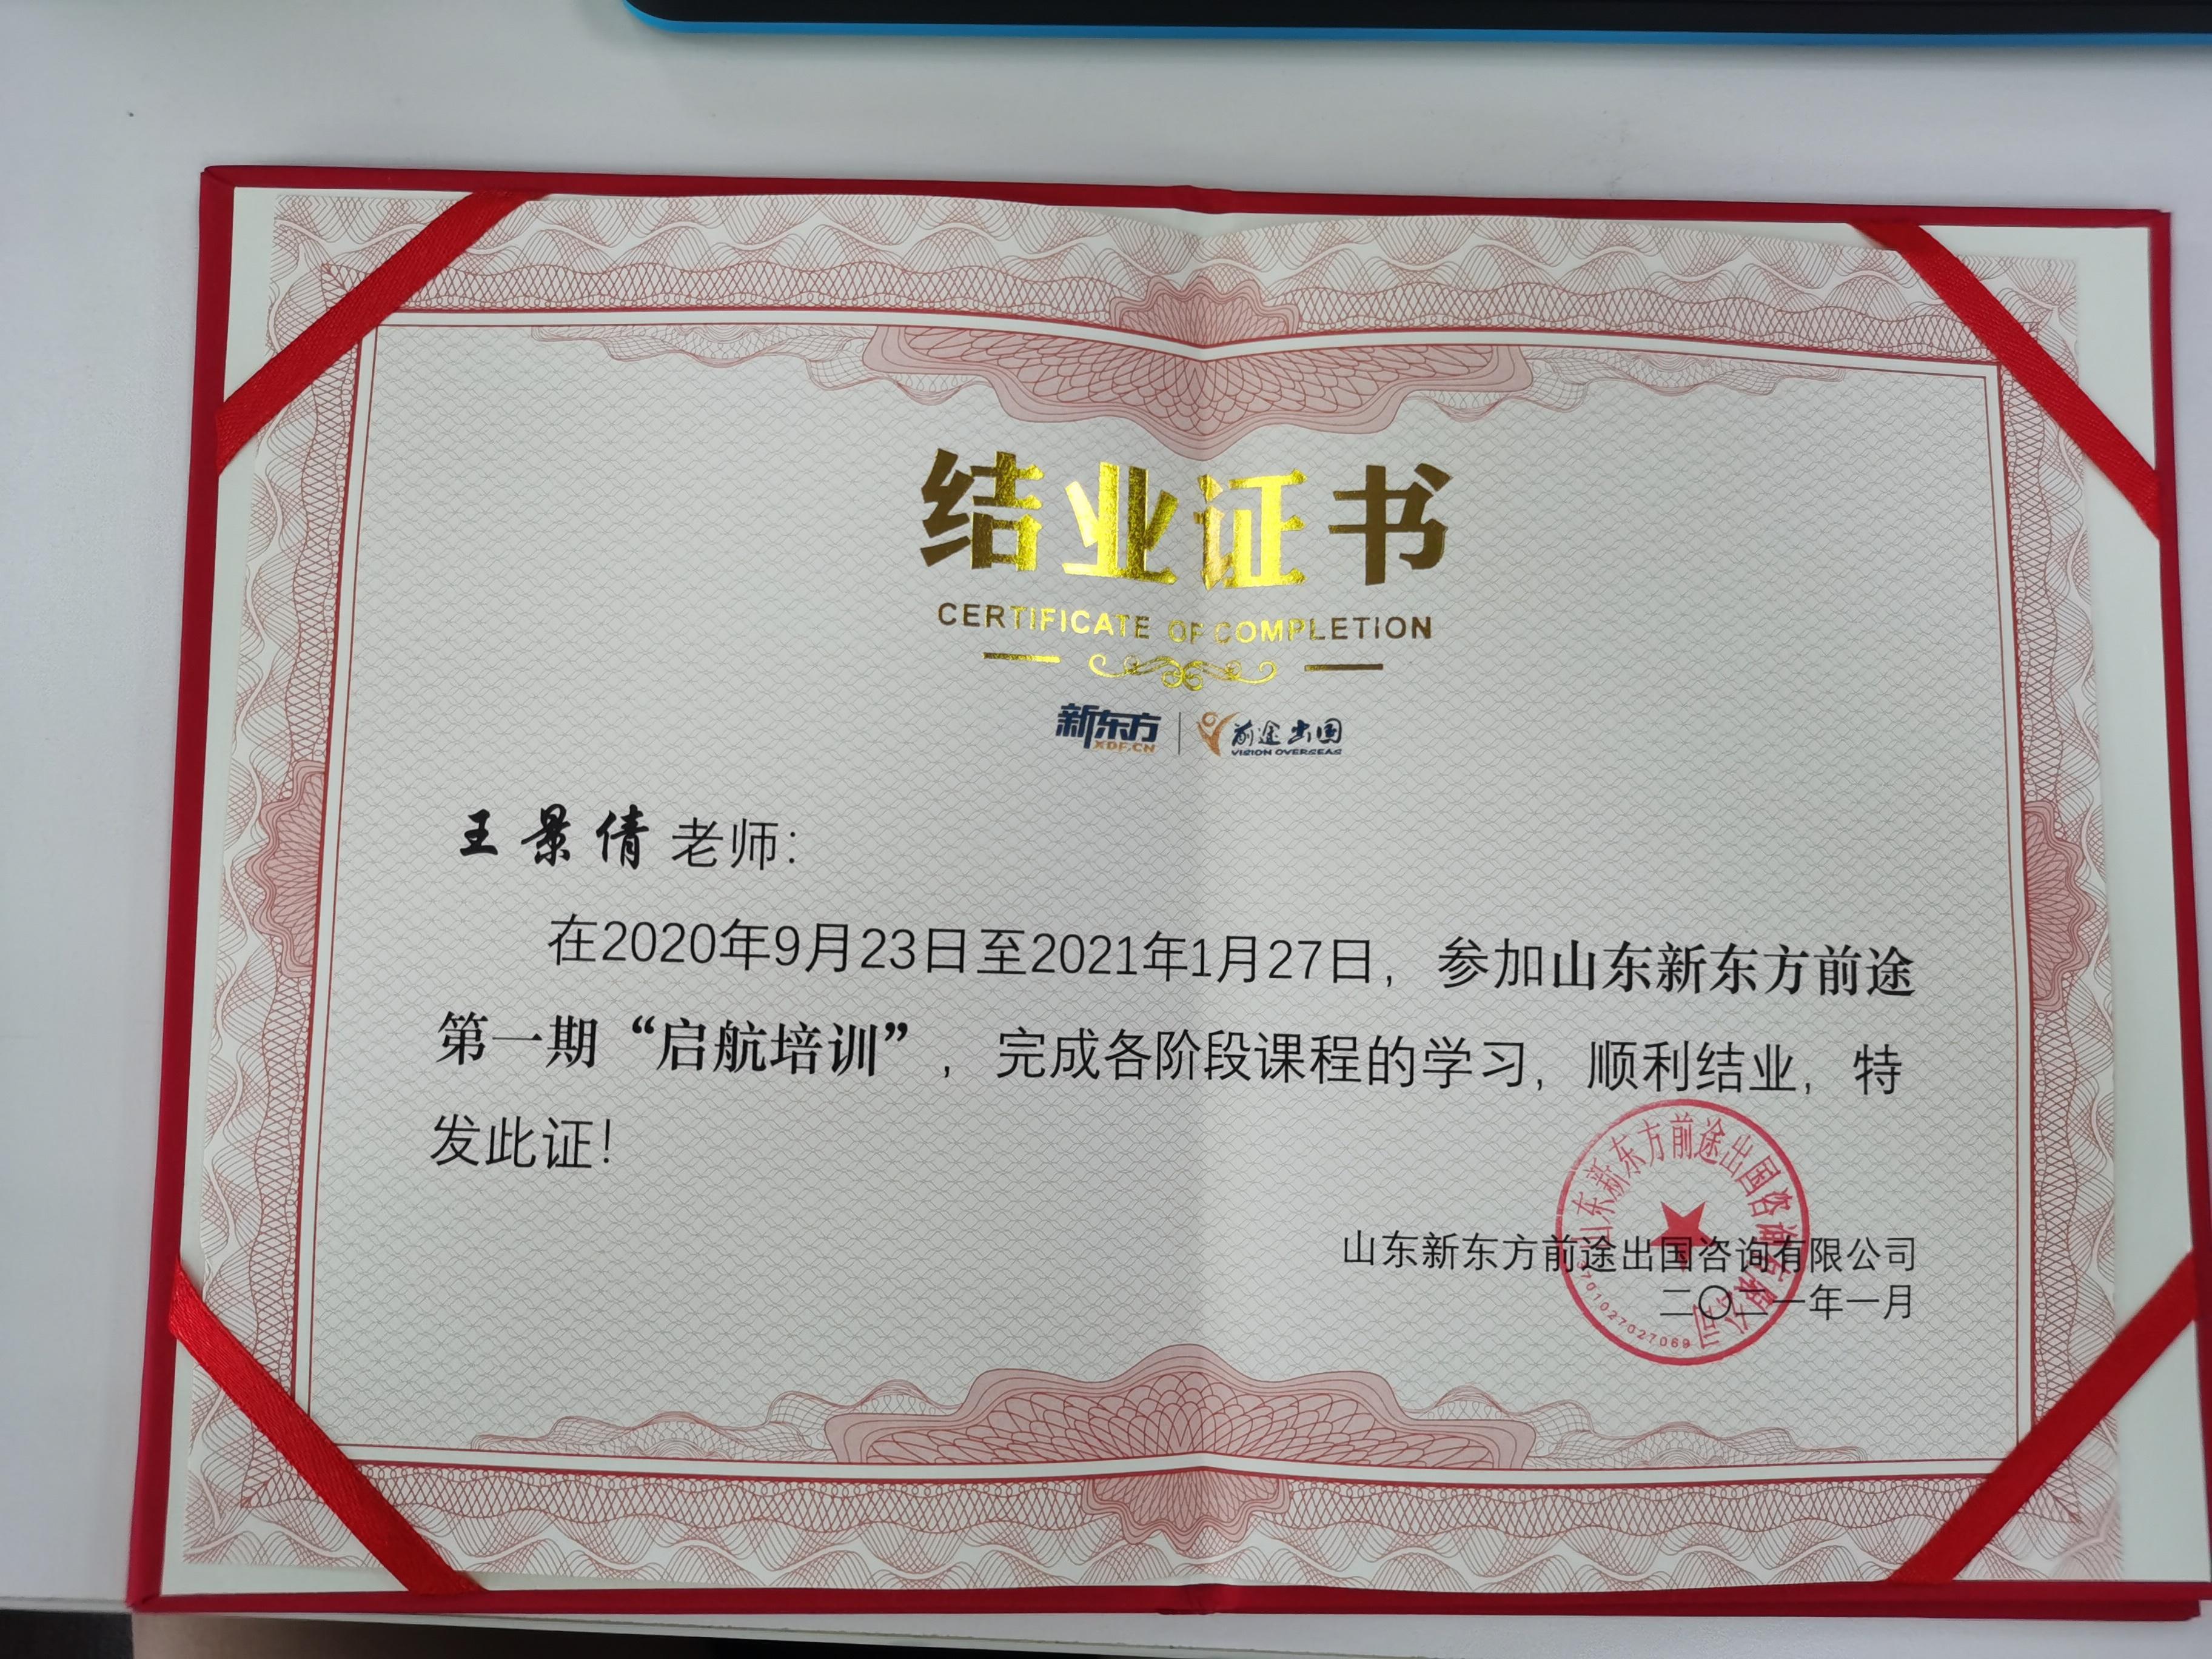 王景倩-启航证书